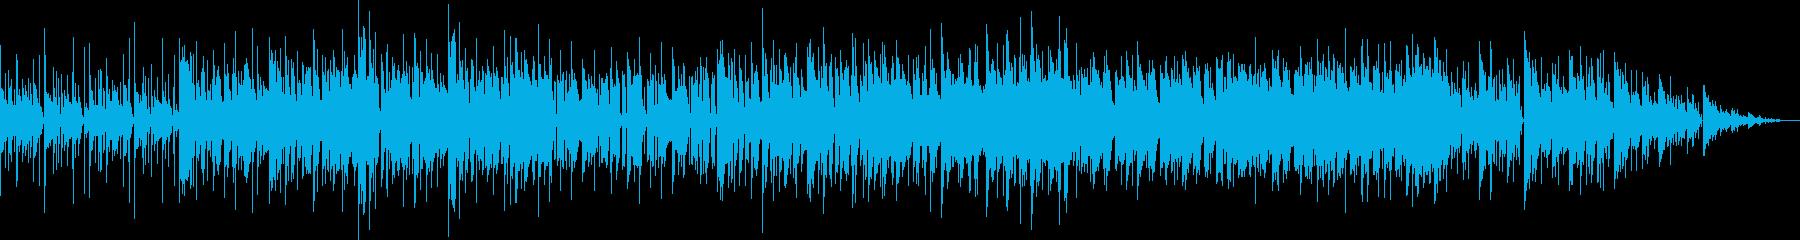 ちょっと面白いファンキーミュージックの再生済みの波形